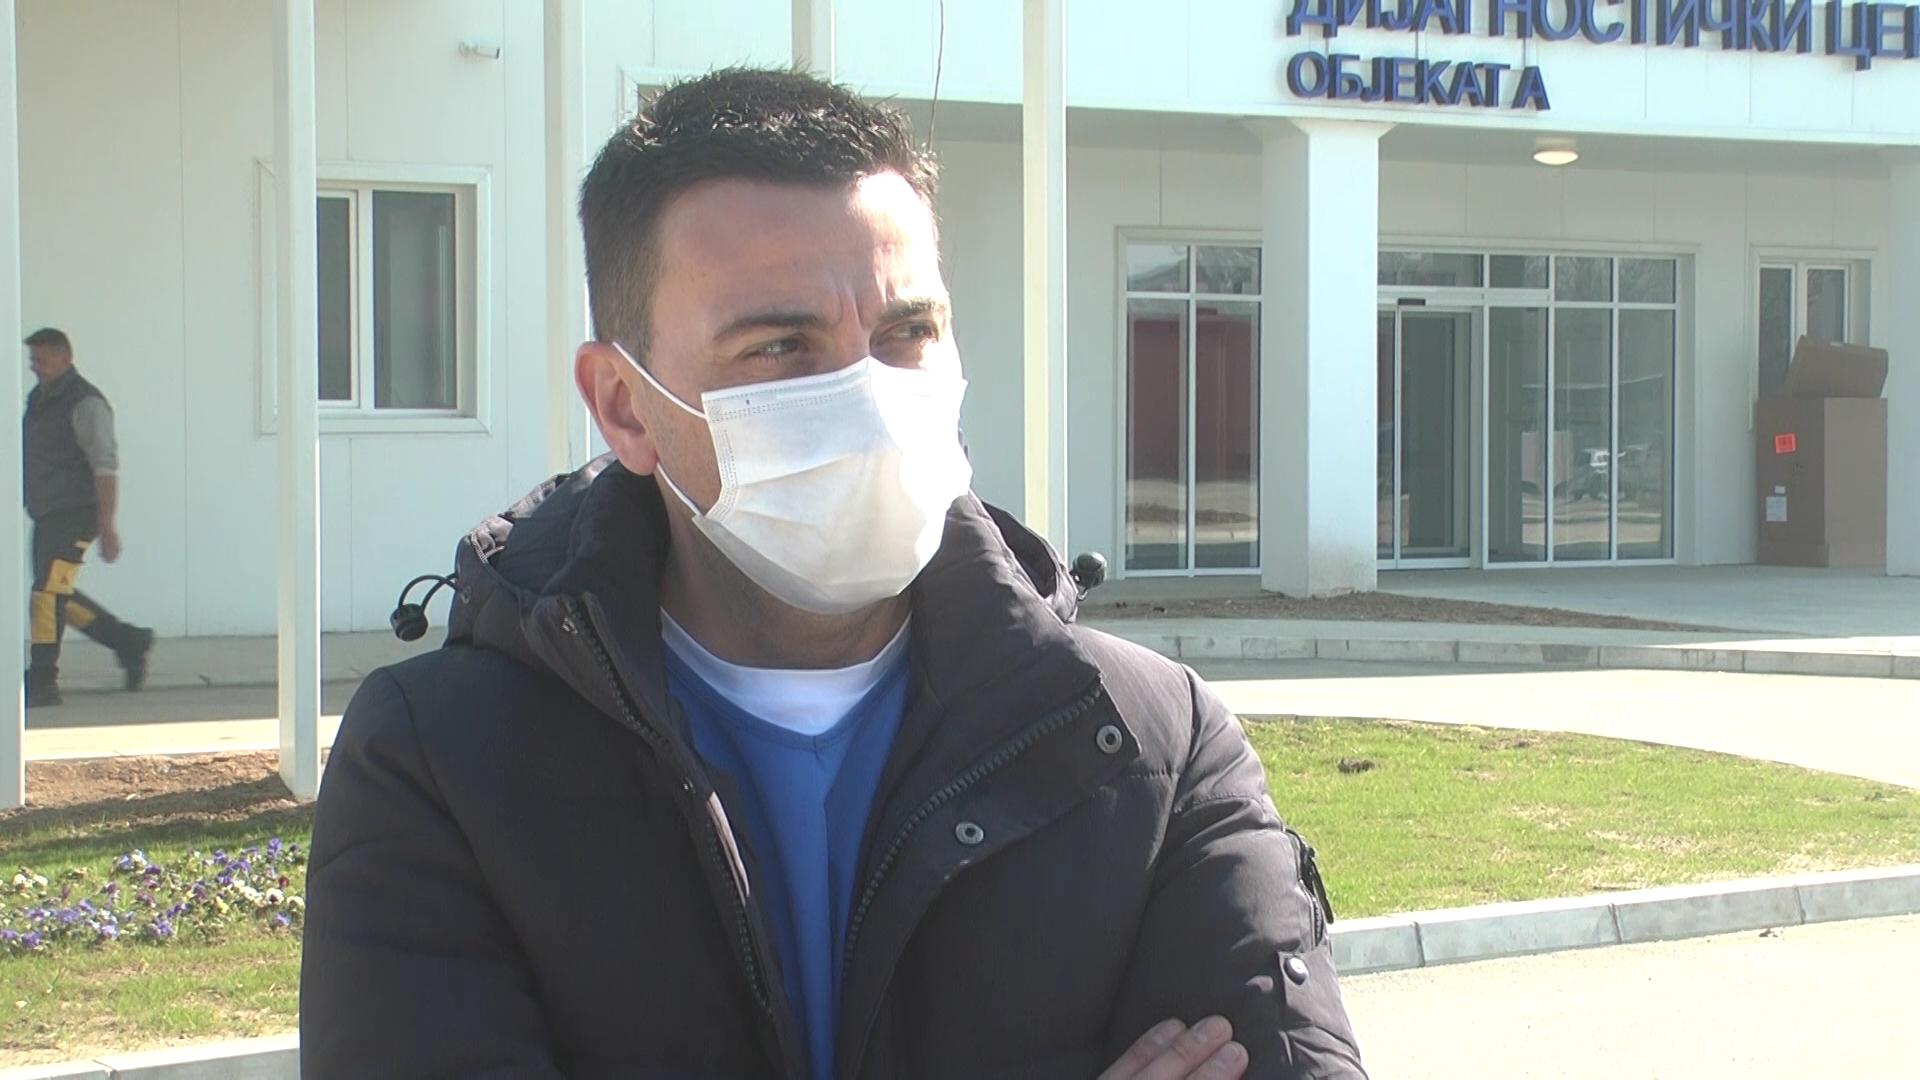 U Srbiji i u Kruševcu raste broj novoinfinciranih korona virusom